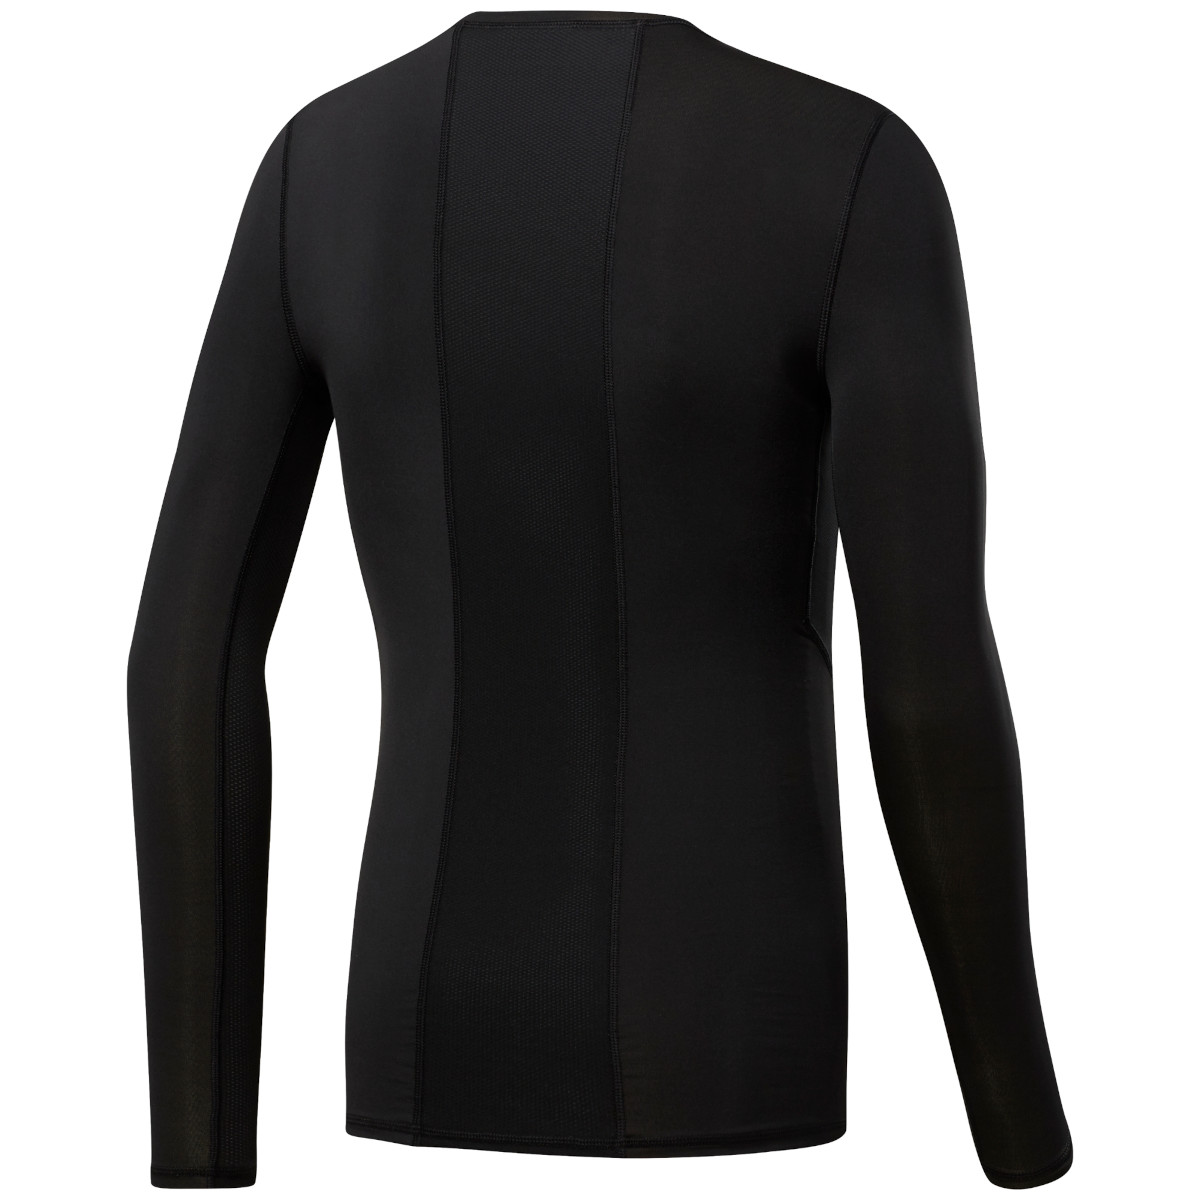 Bild von Reebok Herren Workout Ready Kompressions-Langarmshirt - black FP9105